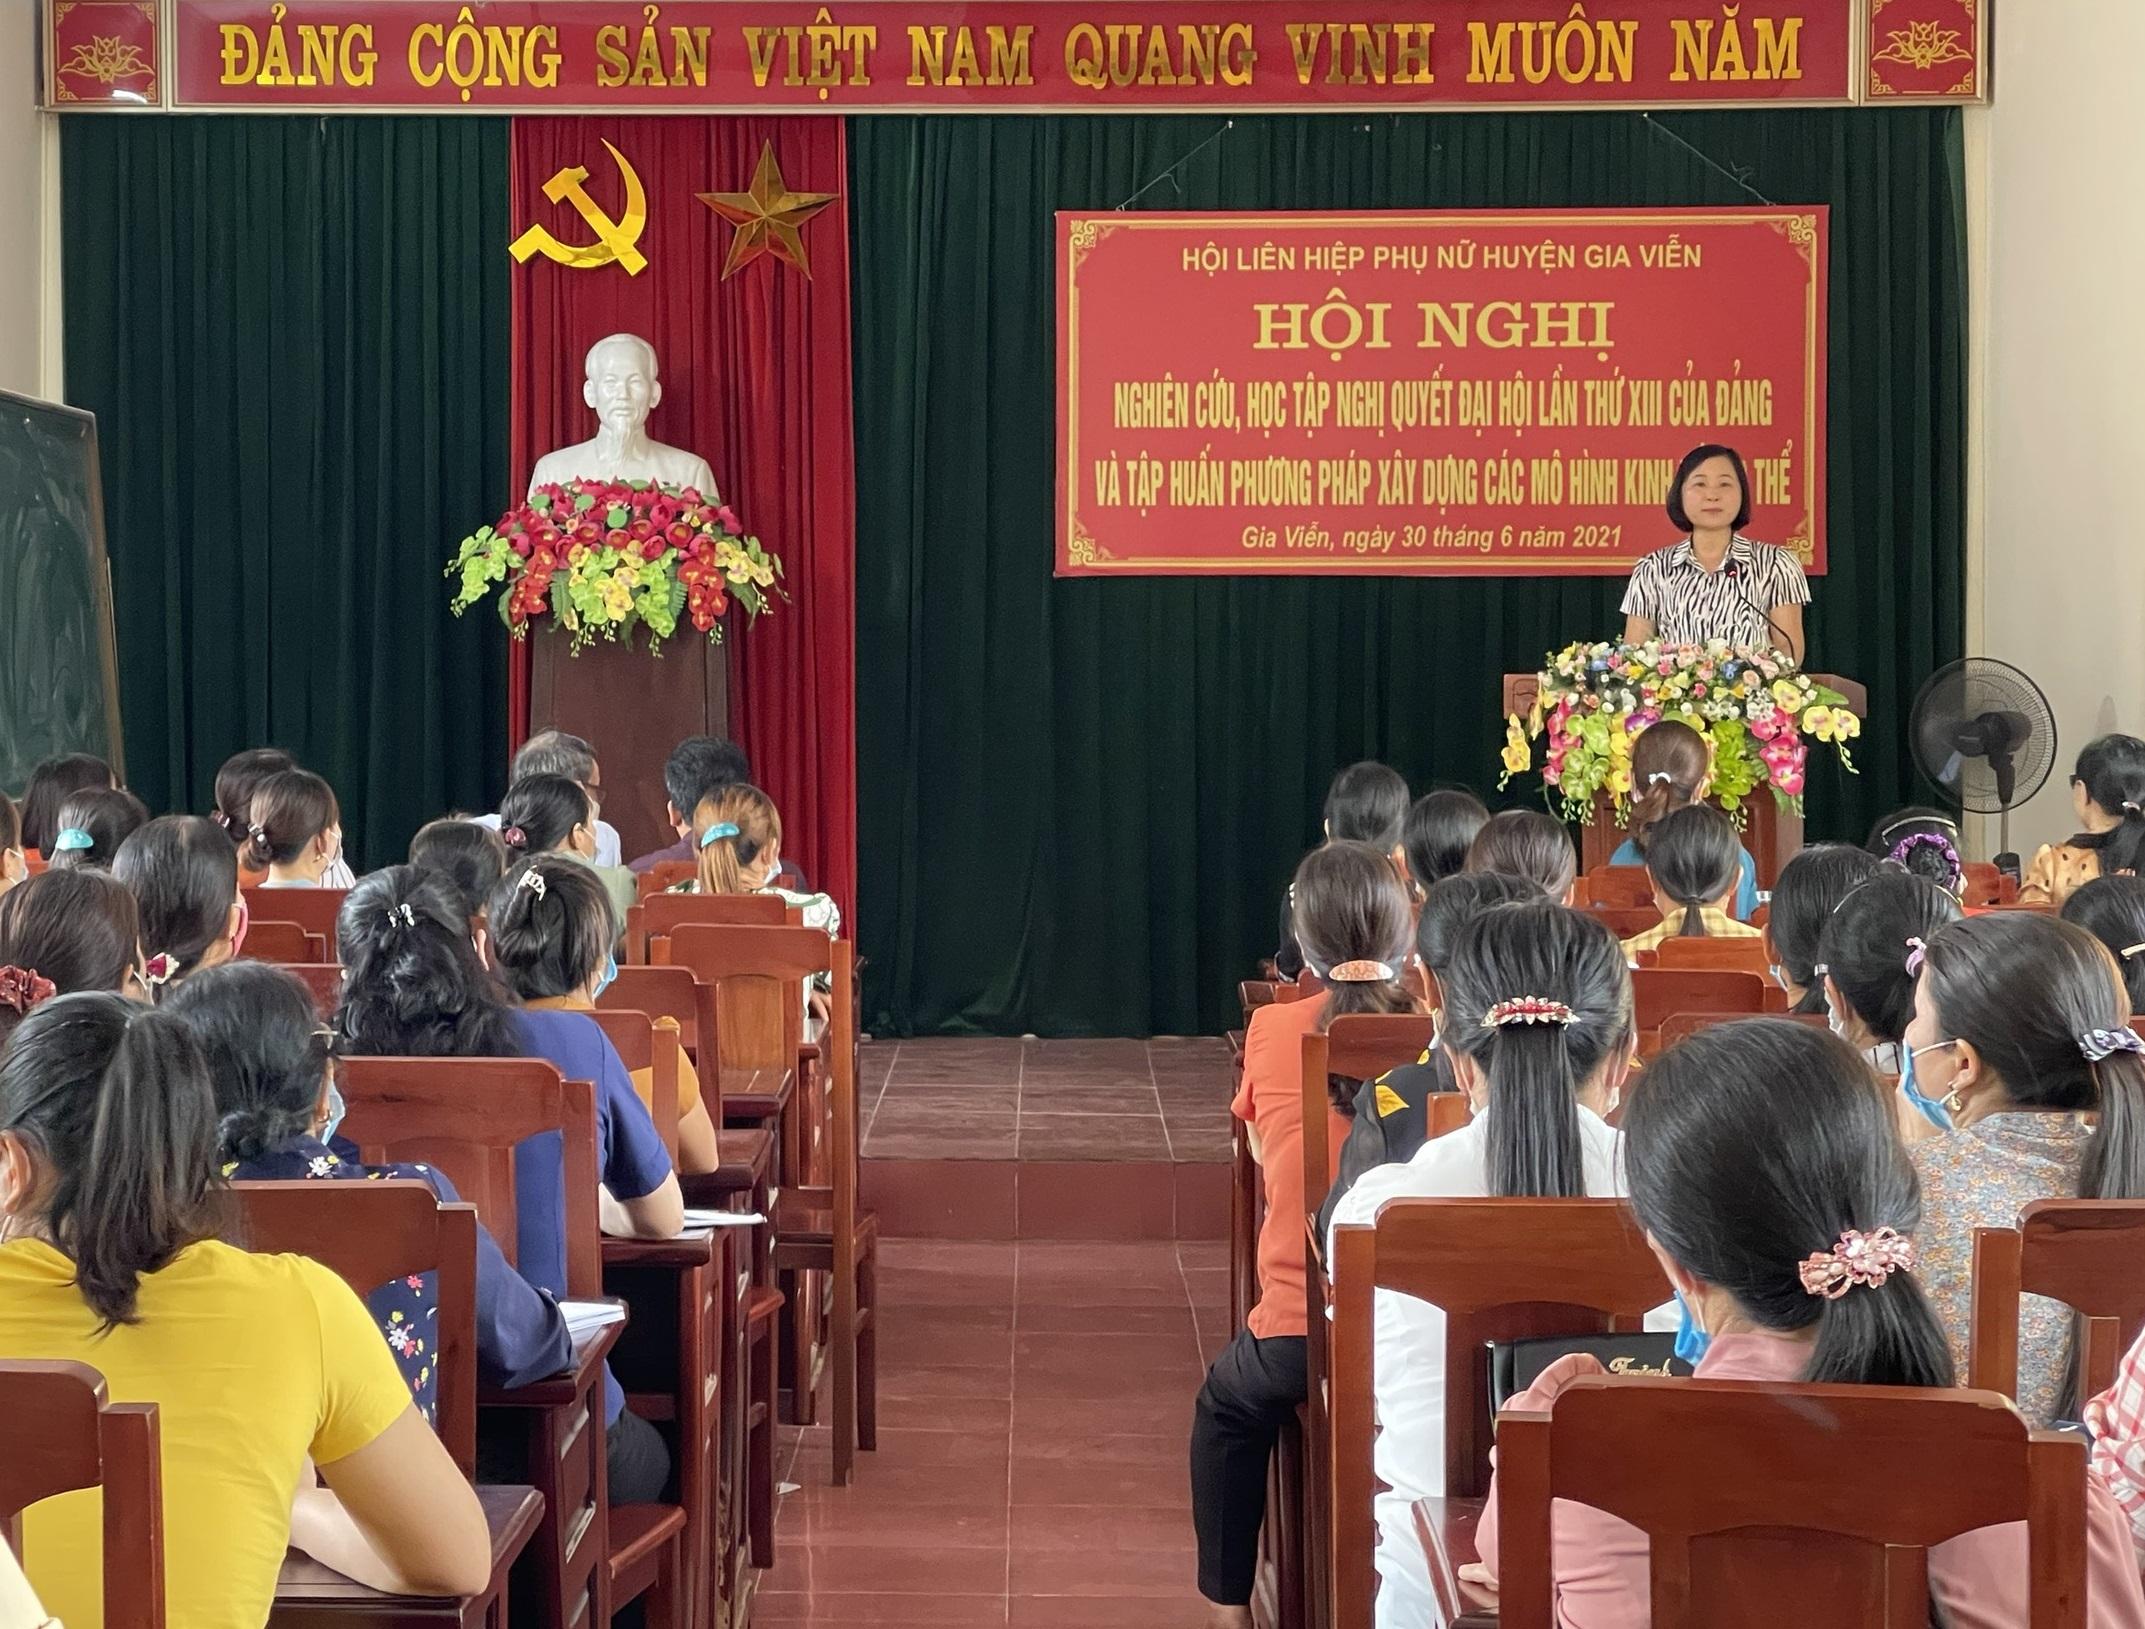 Hội LHPN huyện tổ chức hội nghị nghiên cứu, học tập Nghị quyết Đại hội lần thứ XIII của Đảng và tập huấn phương pháp xây dựng các mô hình kinh tế tập thể